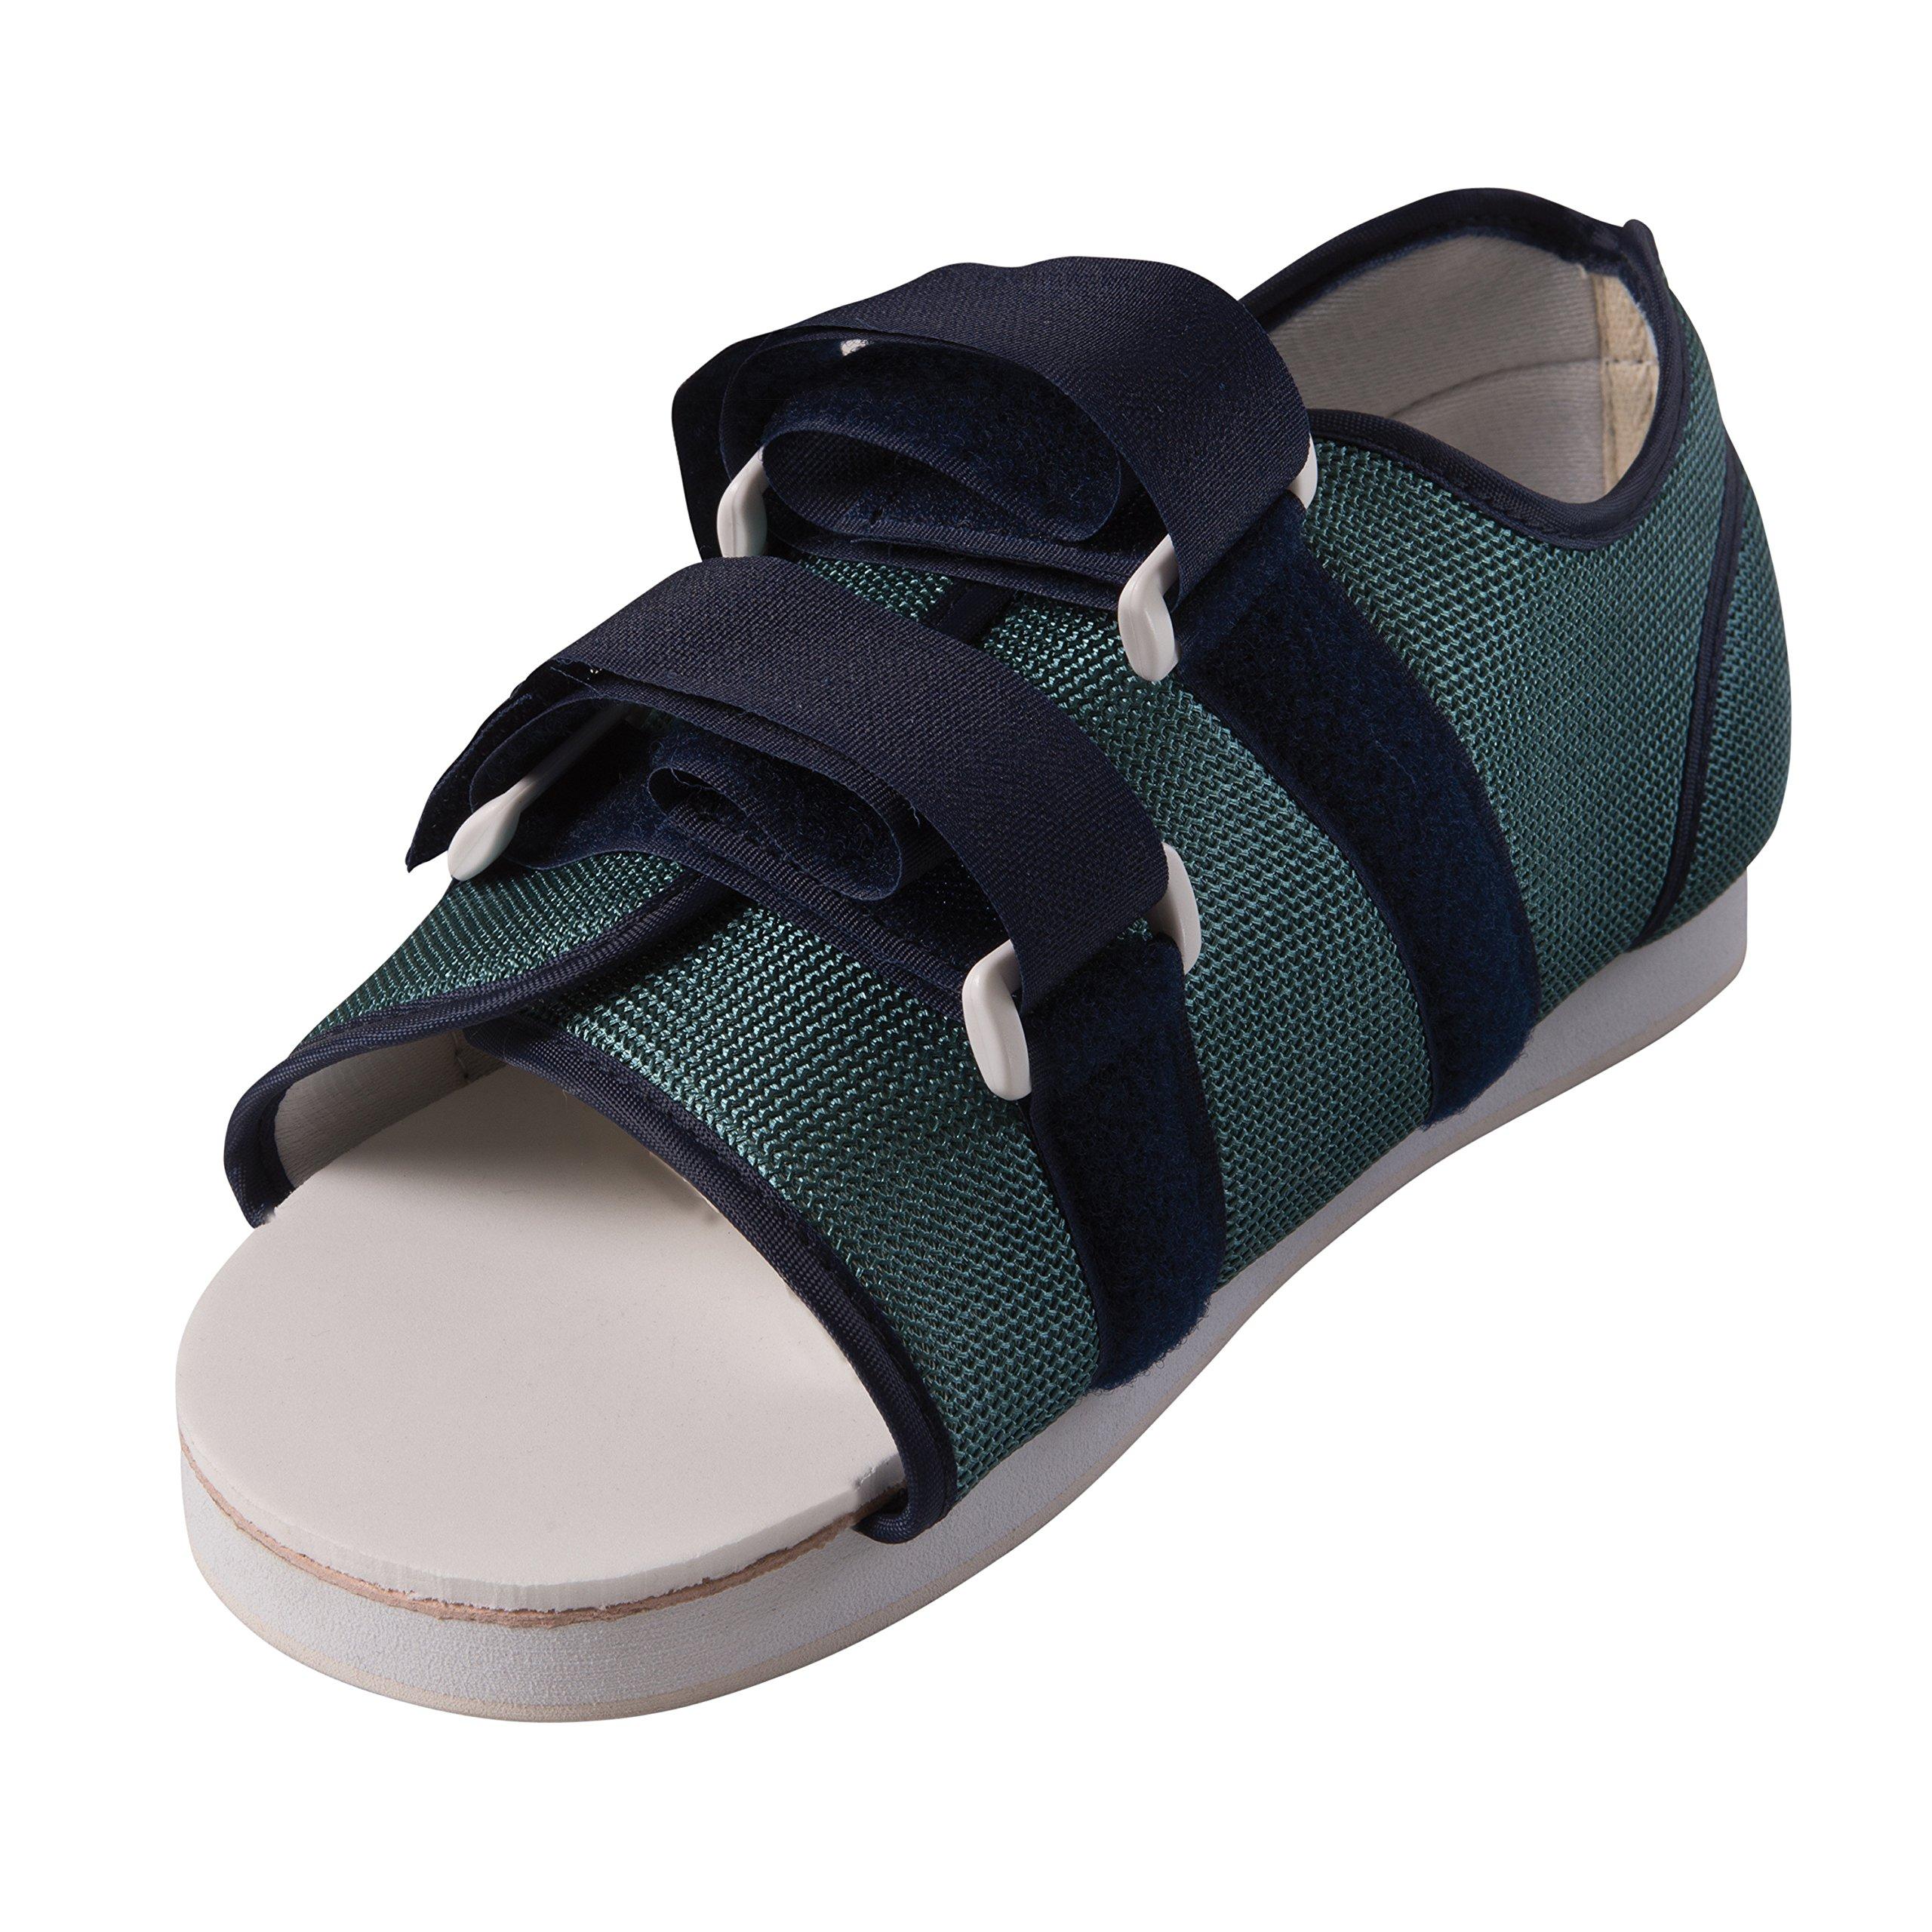 MABIS DMI Healthcare Mesh Post-Op Cast Shoe, Men's Large, 11-13, Blue